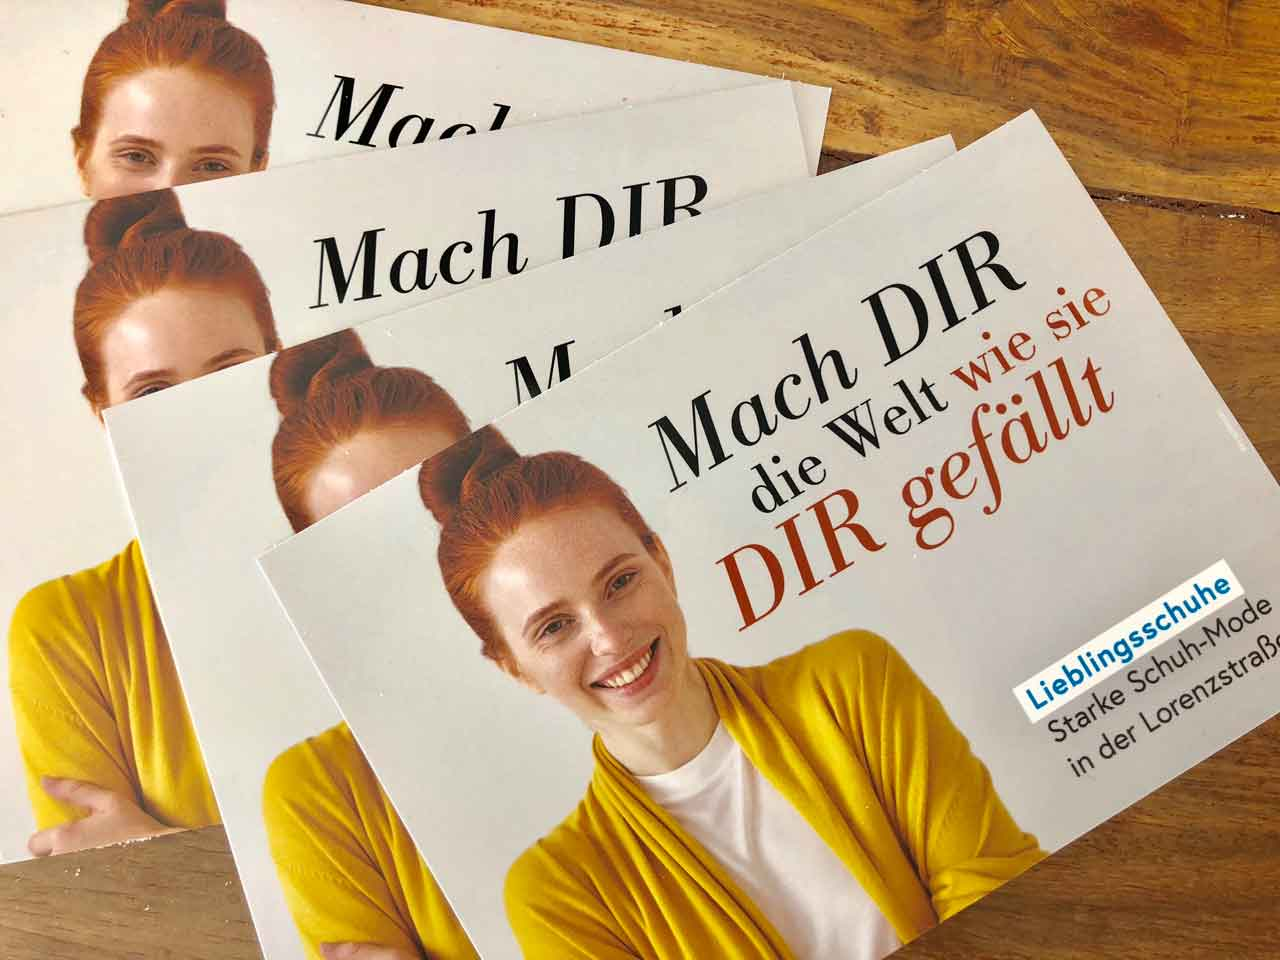 Pfersdorf Lieblingsschuhe Großflächenaktion Lieblingsschuhe – Marke ist Programm Lieblingsschuhe – brand is program